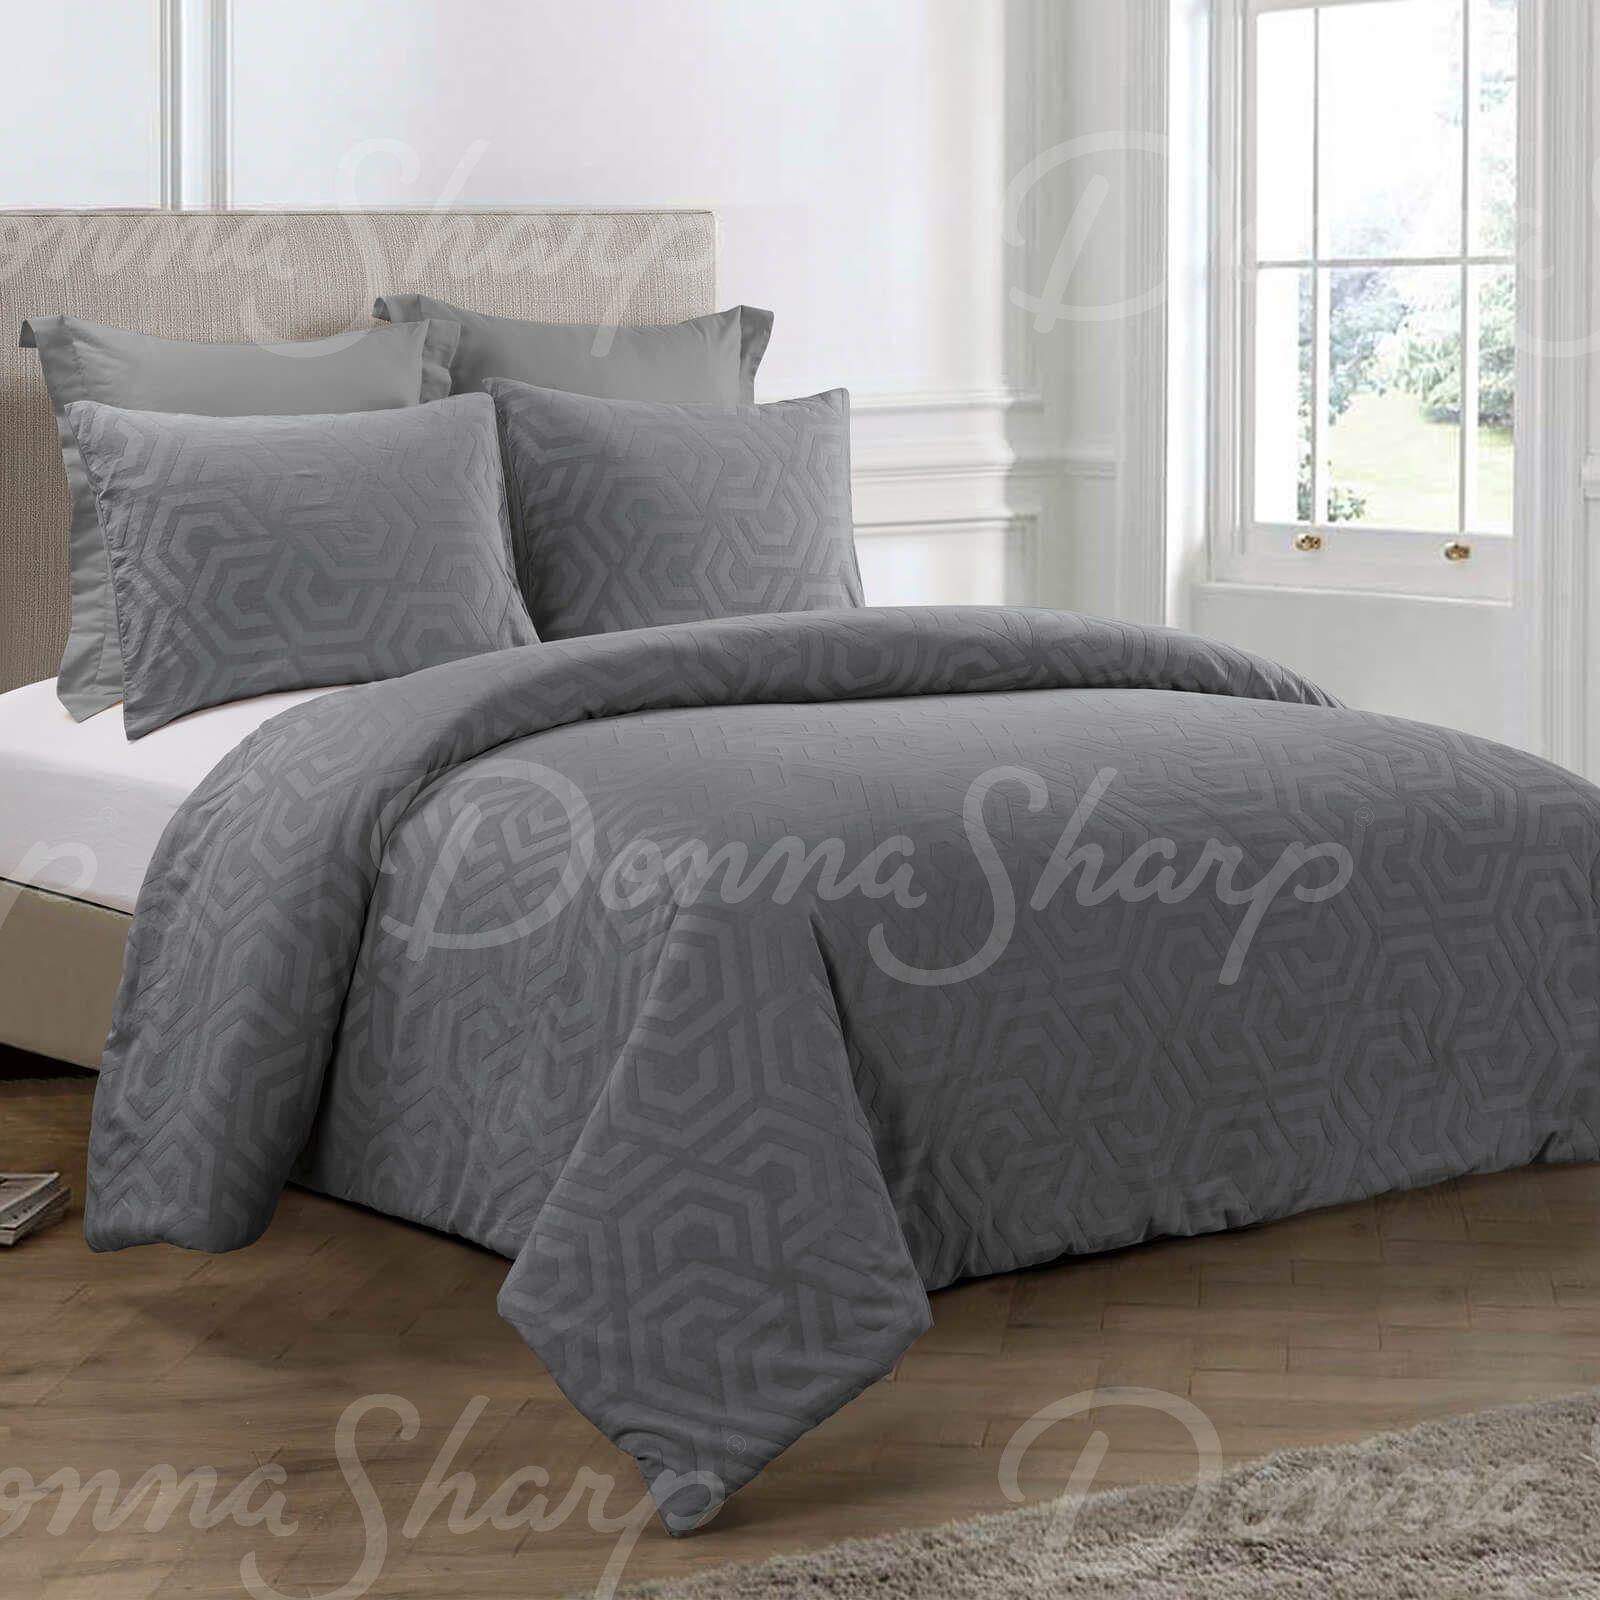 king comforter set seville grey